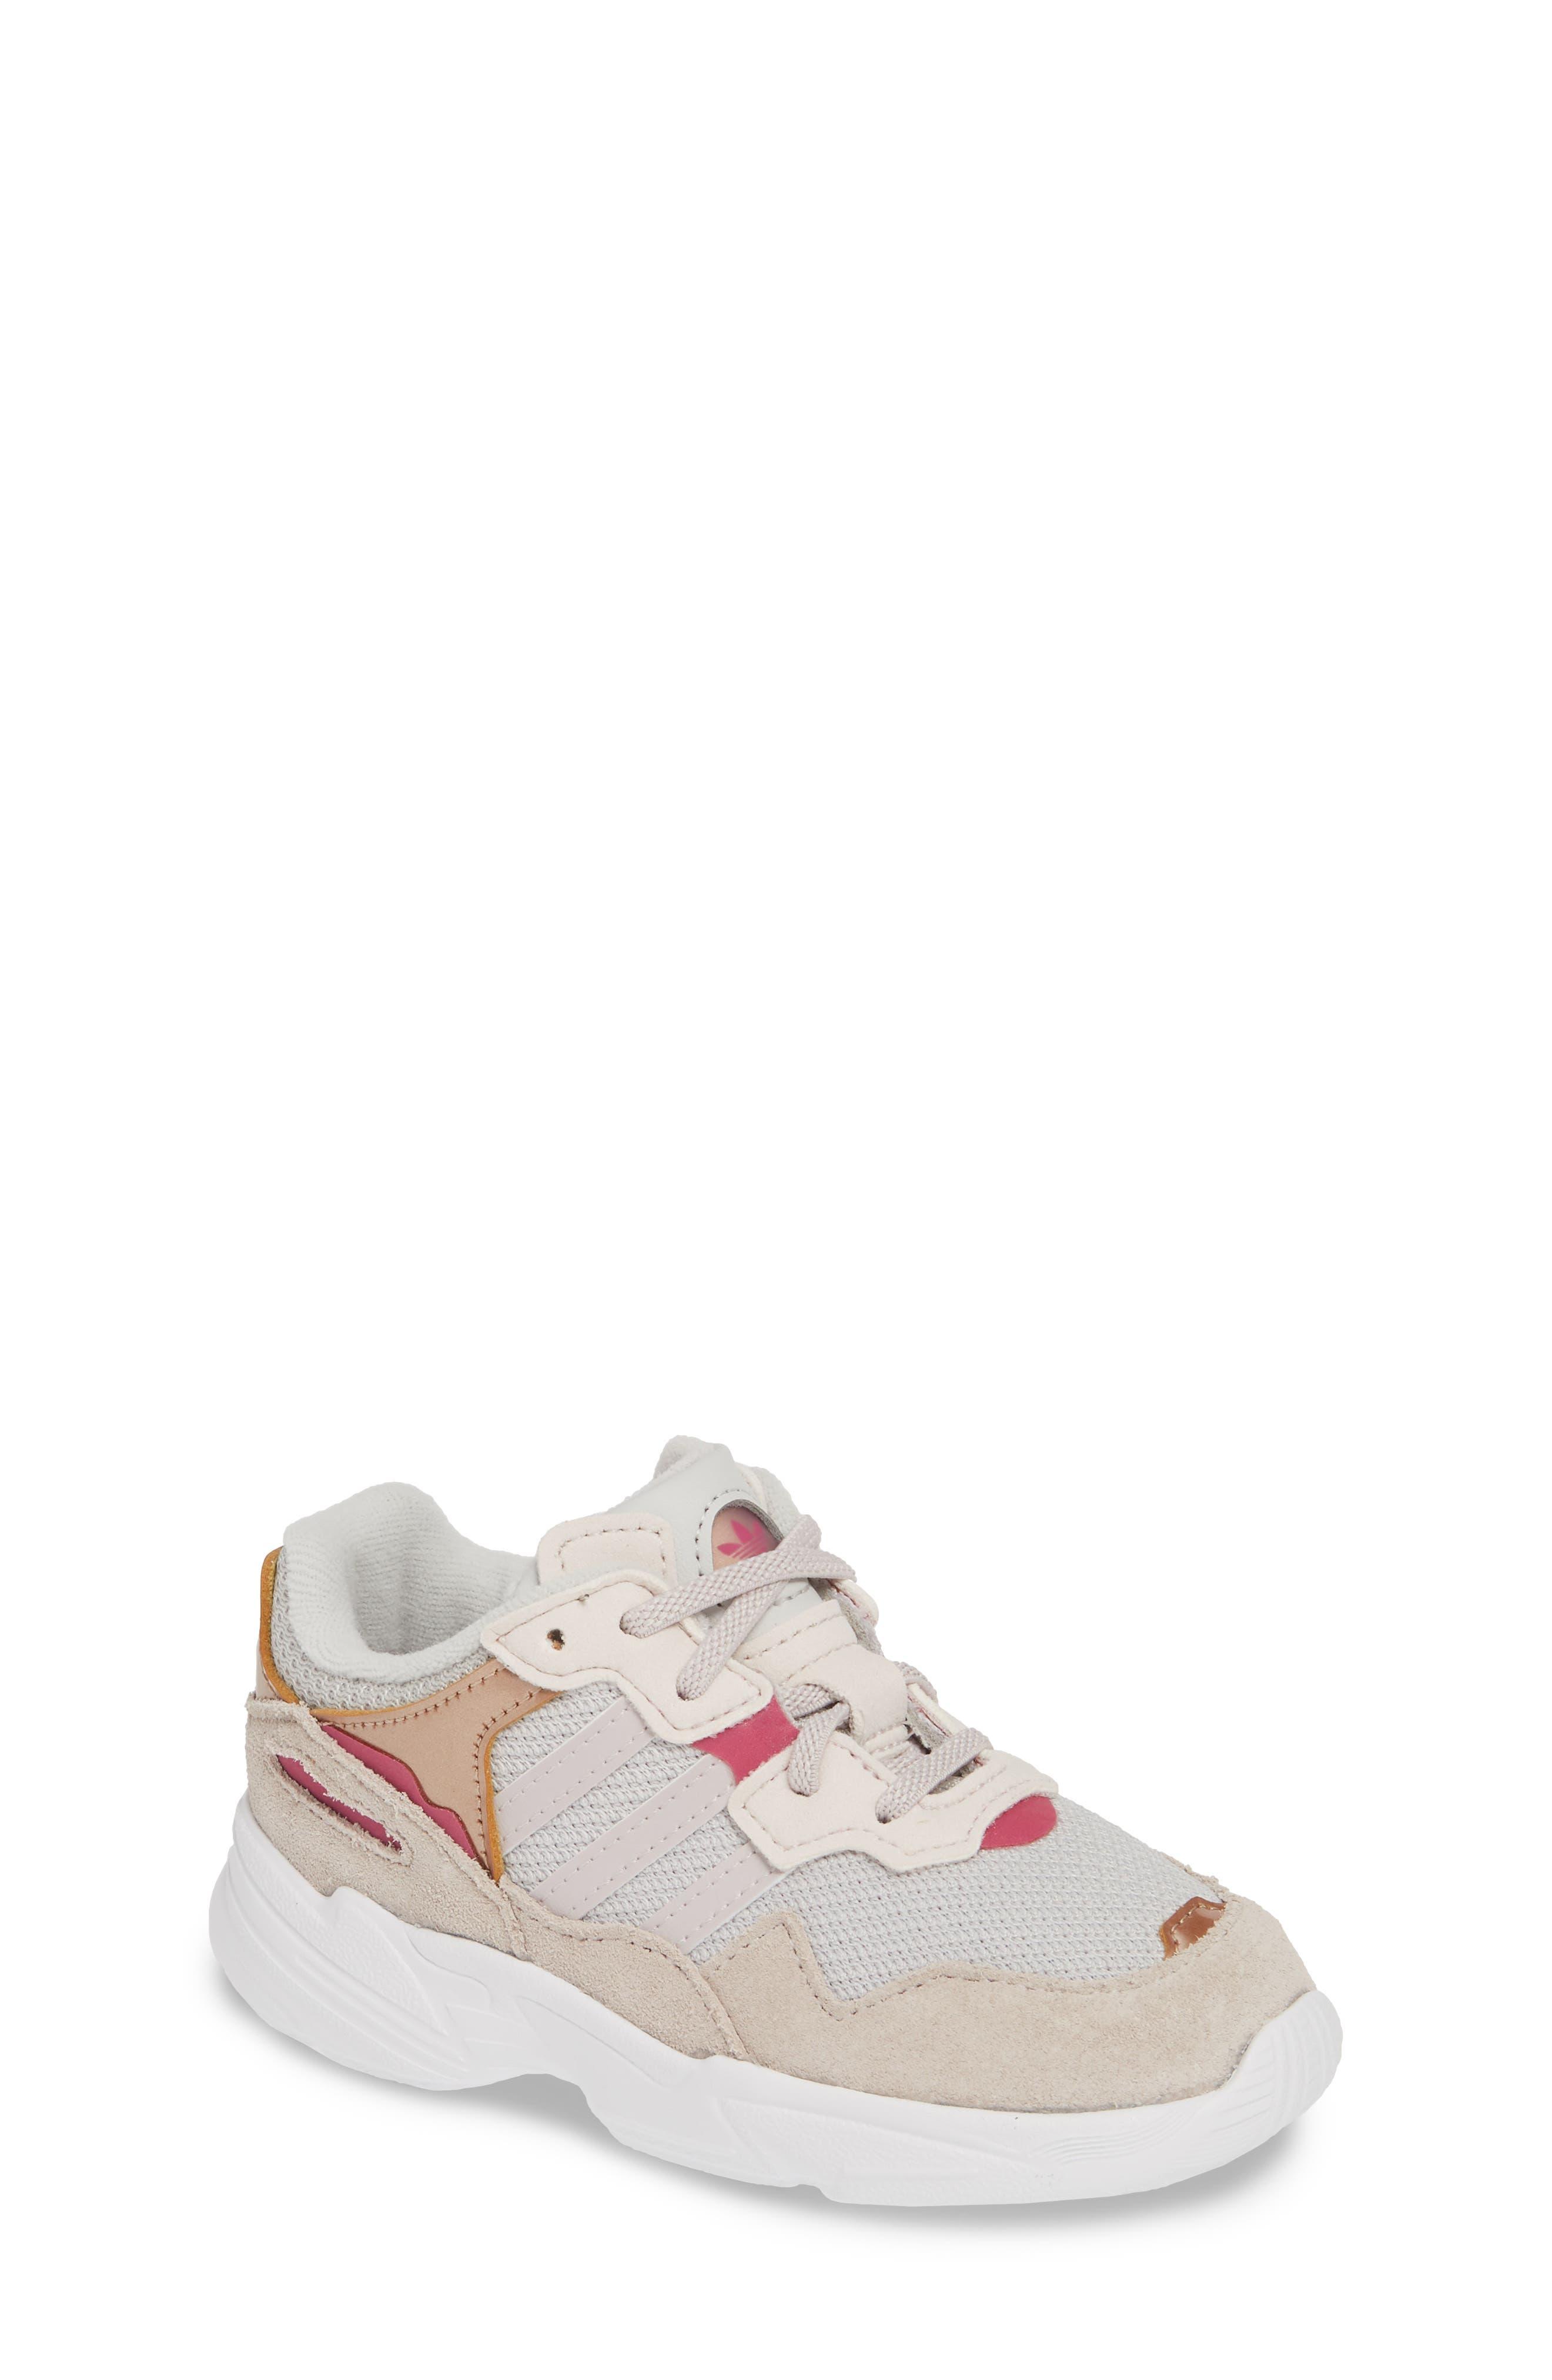 Toddler Adidas Yung96 Sneaker Size 105 M  Grey